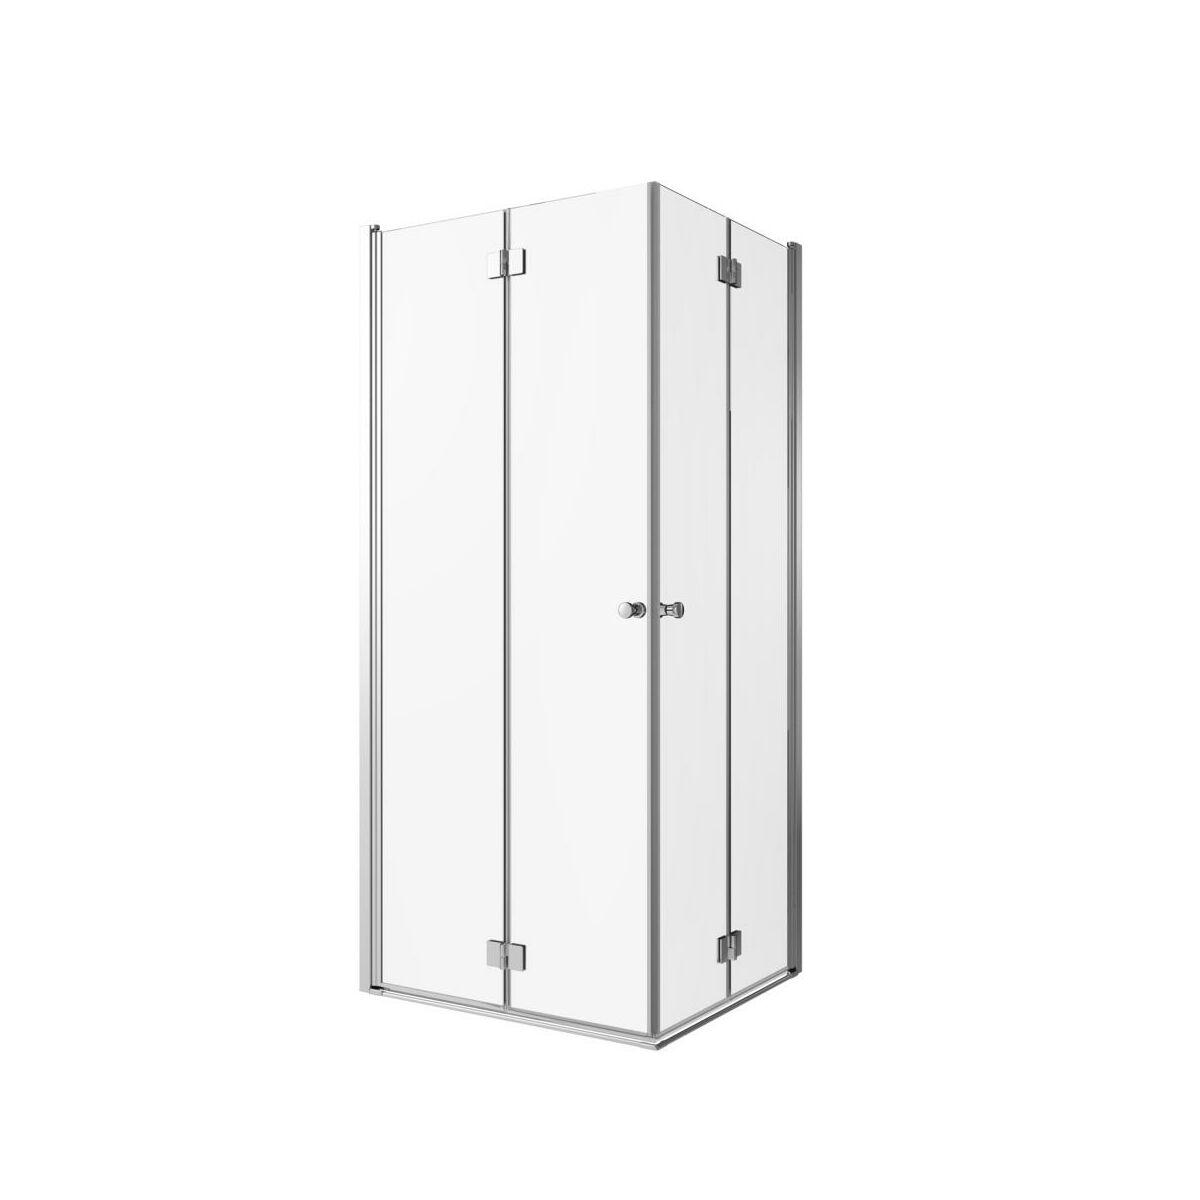 Kabiny prysznicowe valence iridum kabiny prysznicowe w - Le roy merlin valence ...